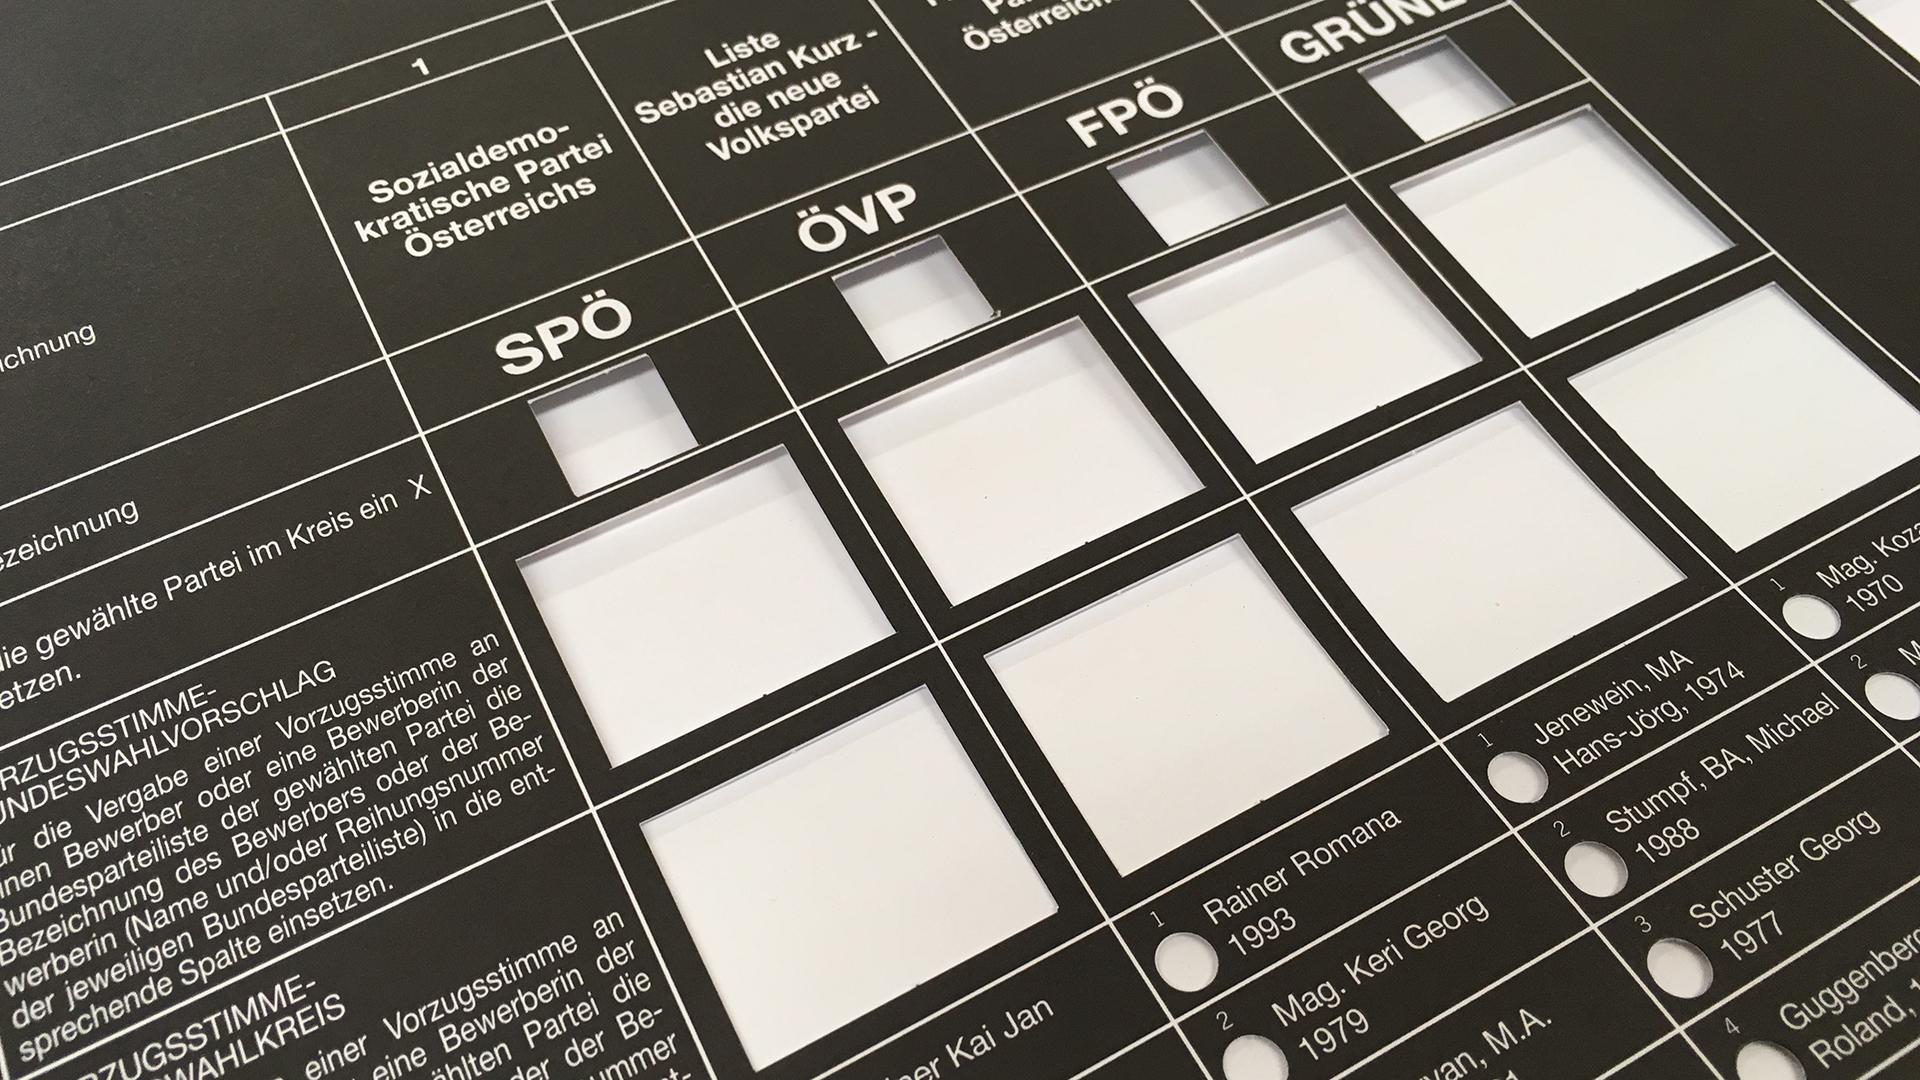 Stimmzettelschablone - Vorzugsstimmen Wahlmöglichkeit